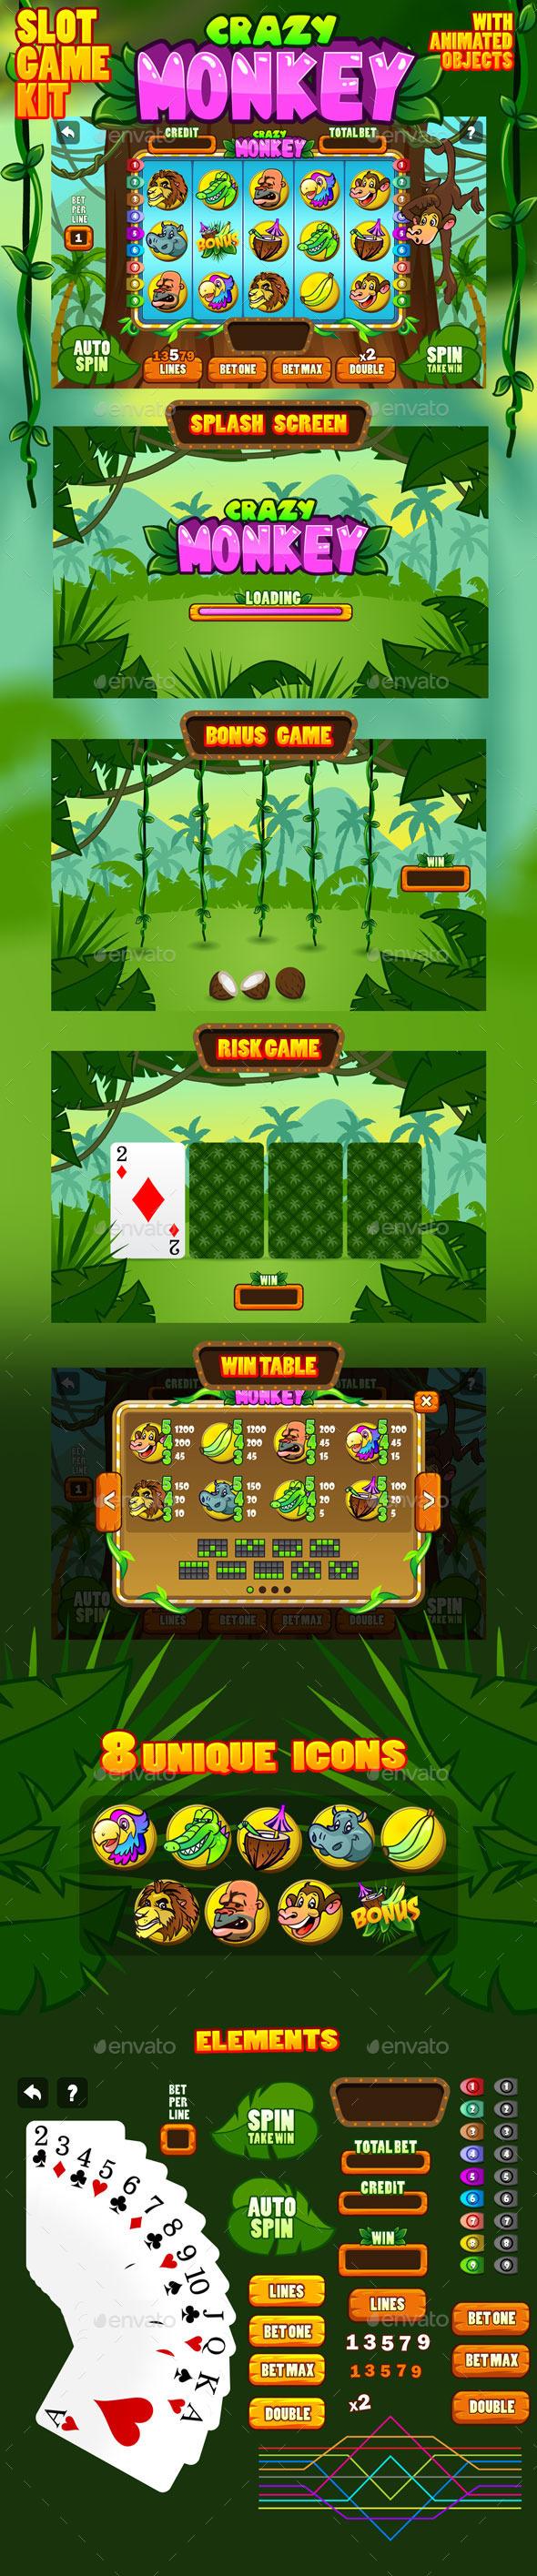 Crazy monkey slot game kit